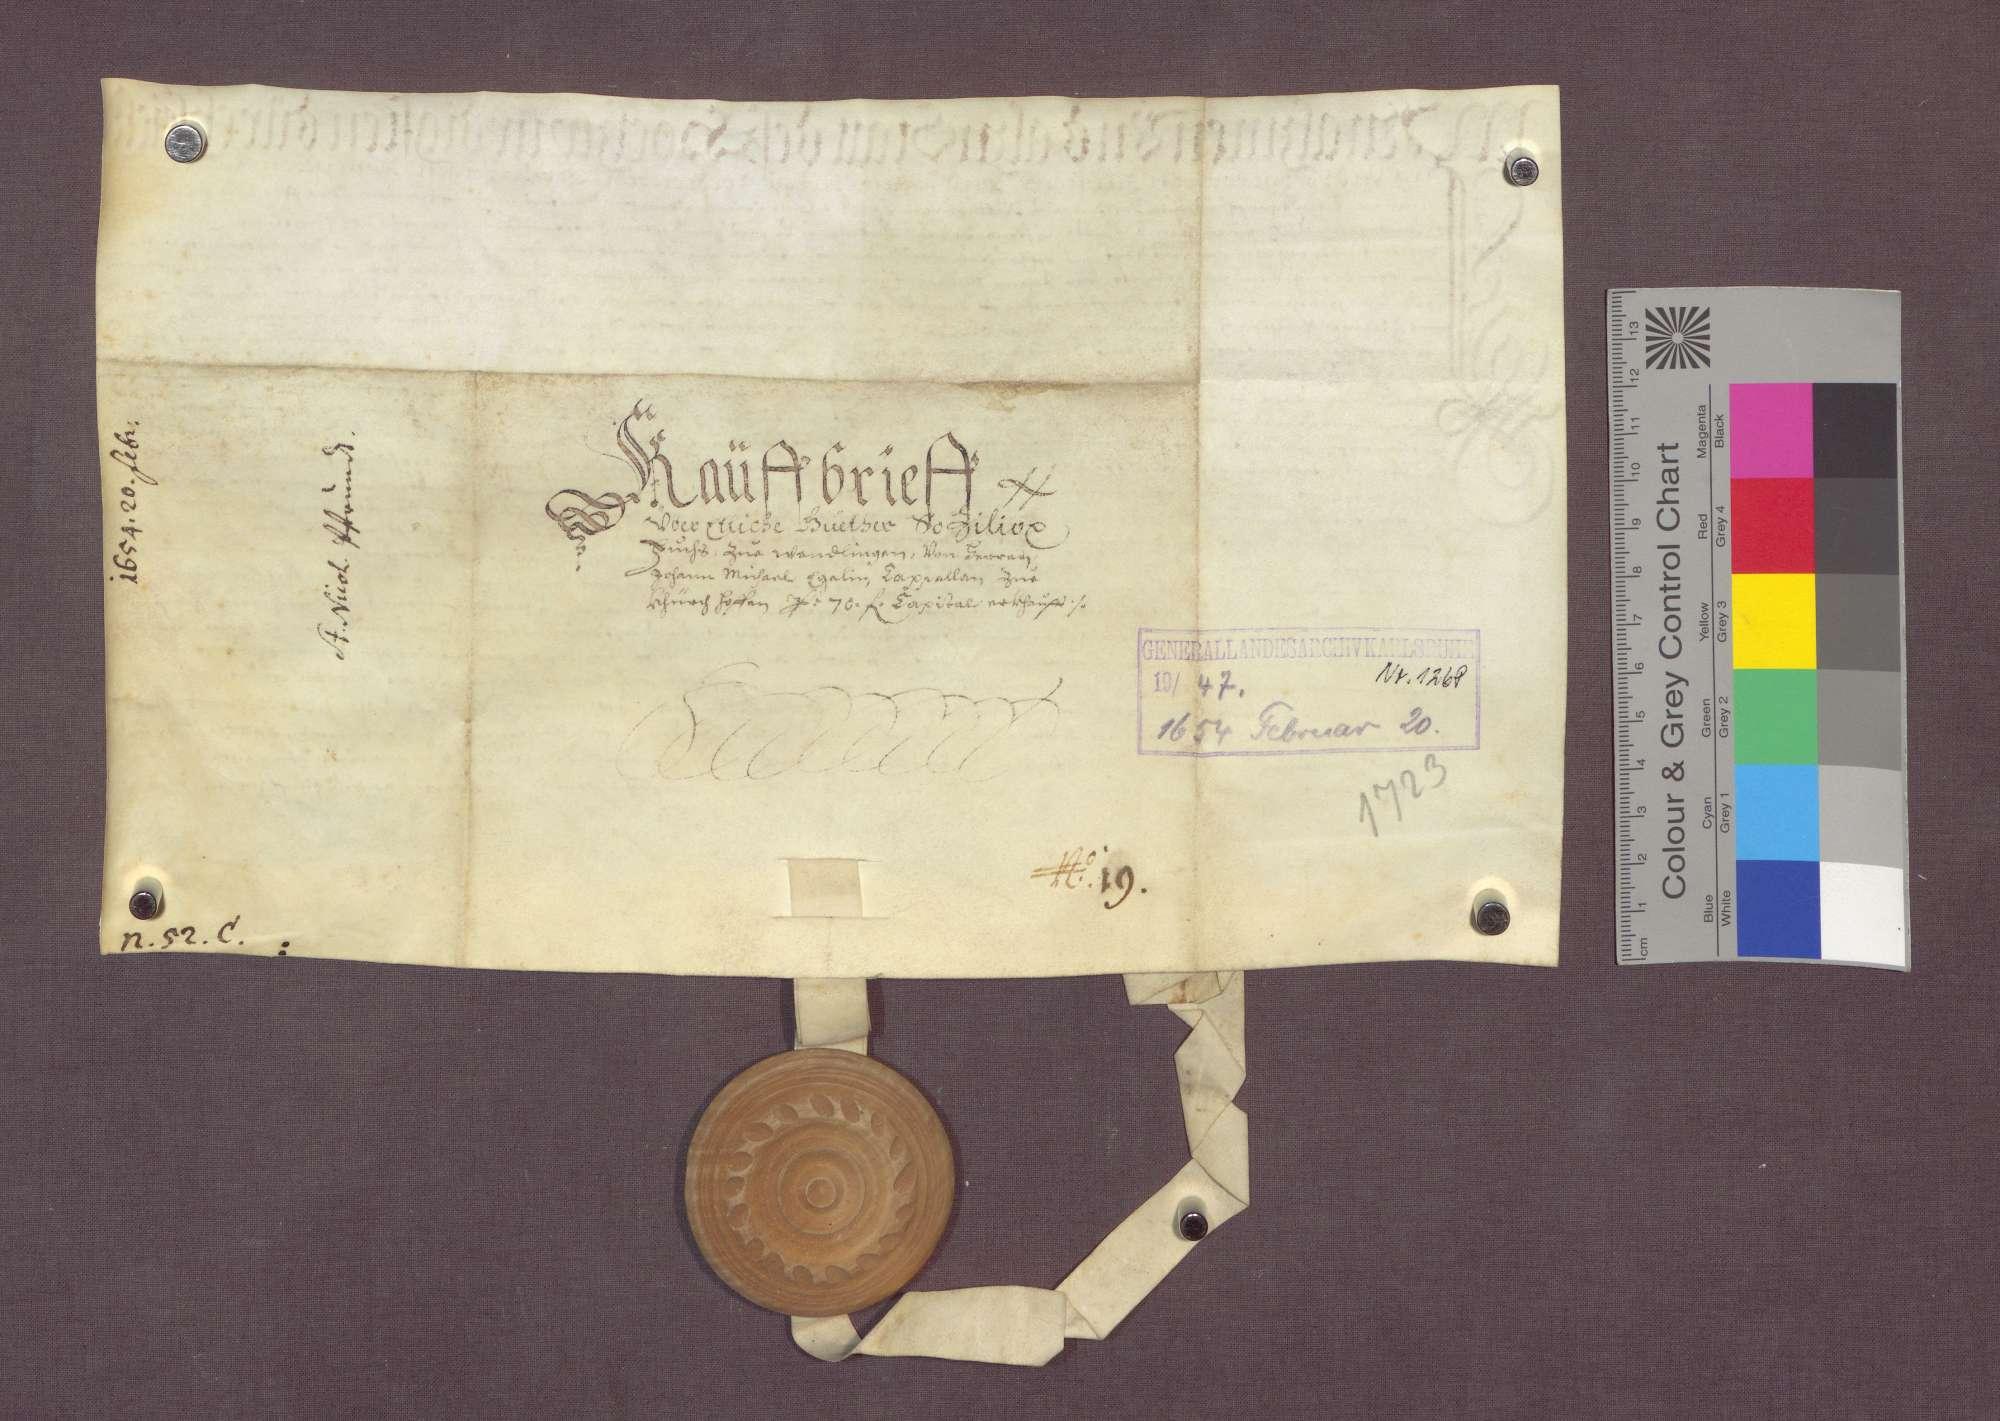 Johann Michael Egelin, Kaplan der St. Nikolaus-Pfründe in Kirchhofen verkauft an Zillioz Fuchs zu Wendlingen eine abgebrannte Hofstatt., Bild 2